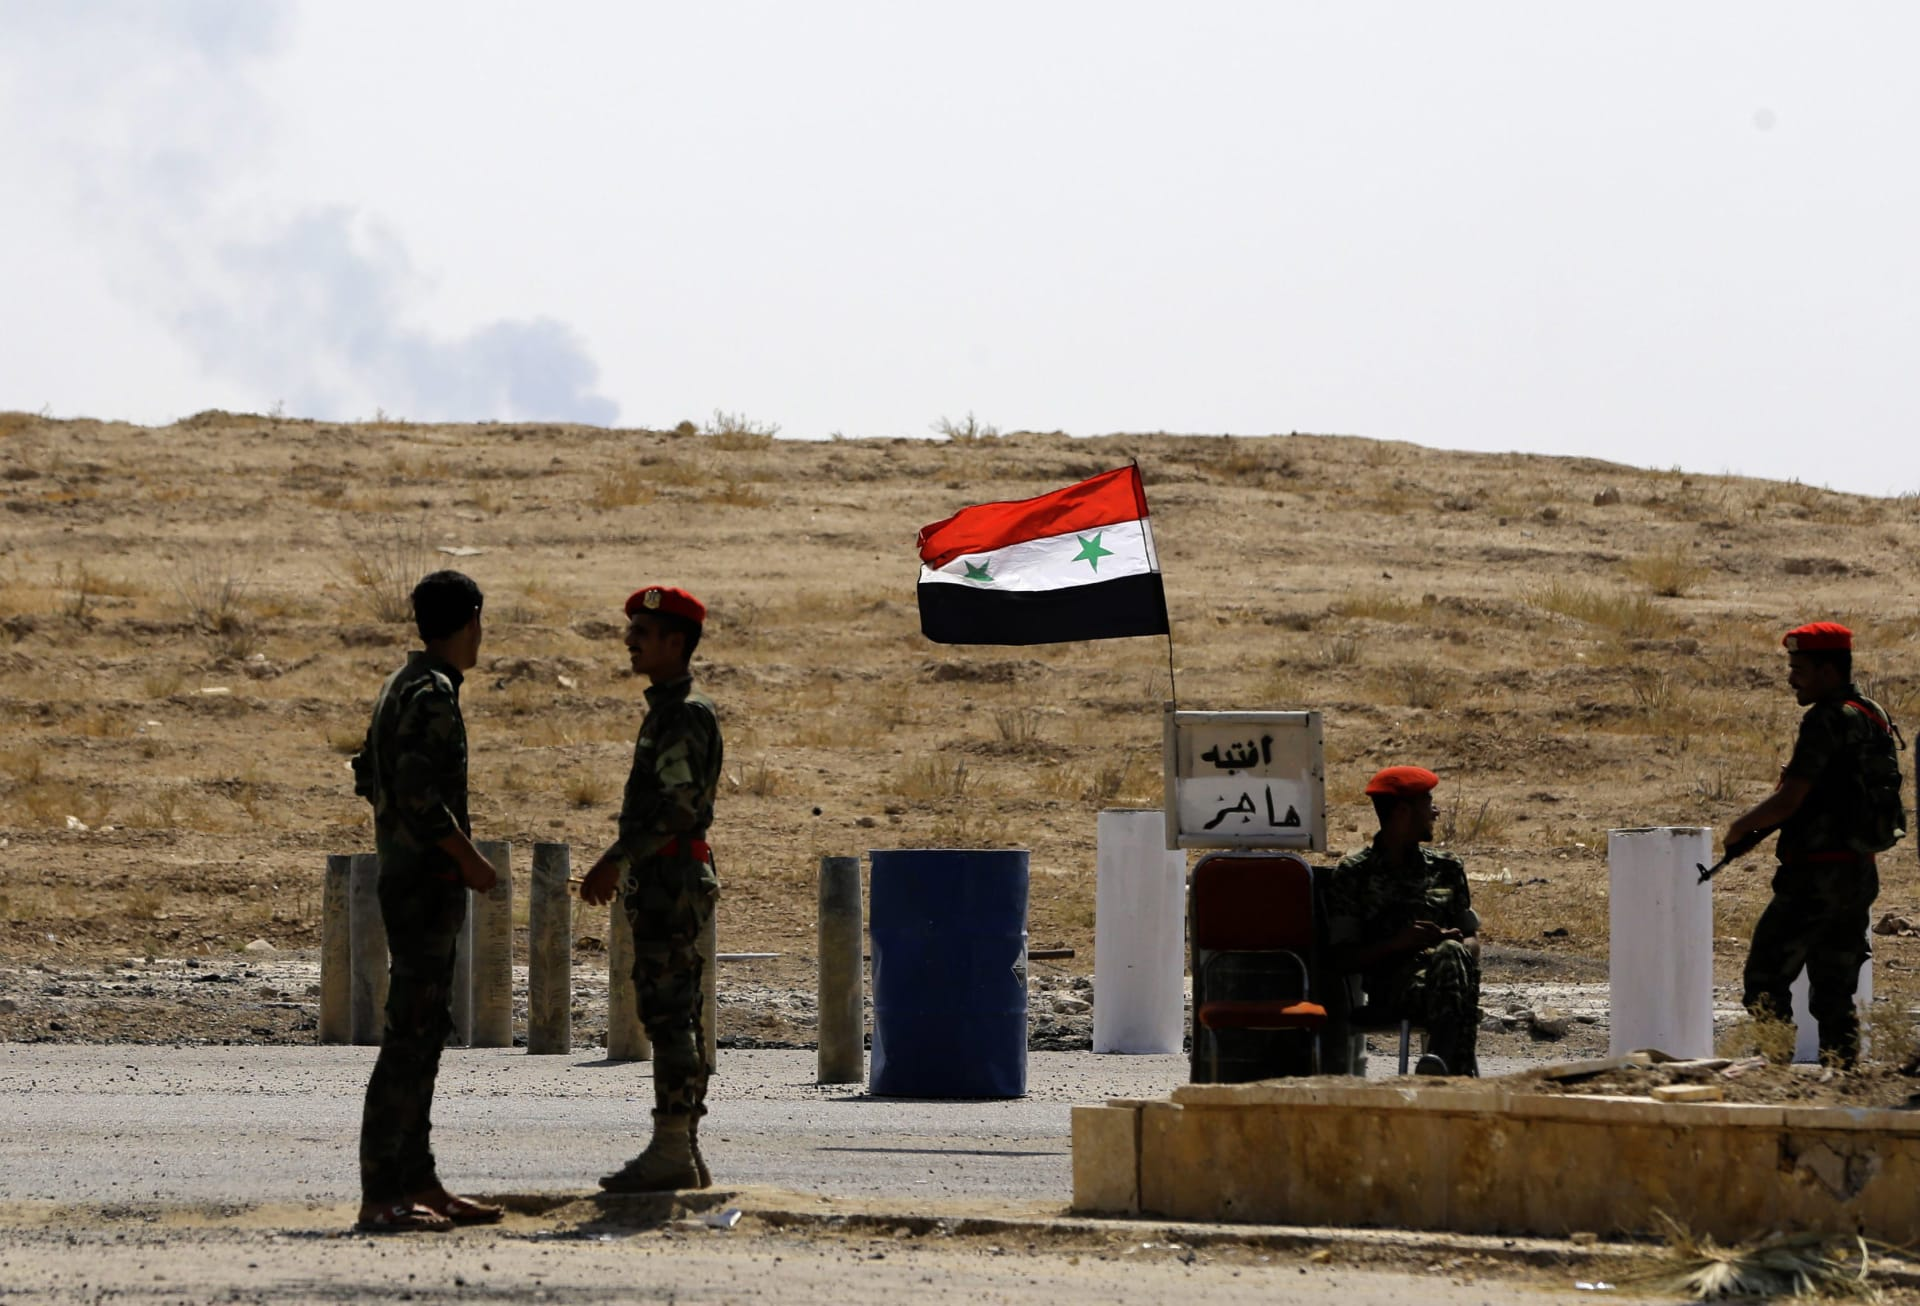 النظام السوري يعلن السيطرة على 4 قرى شرقي نهر الفرات